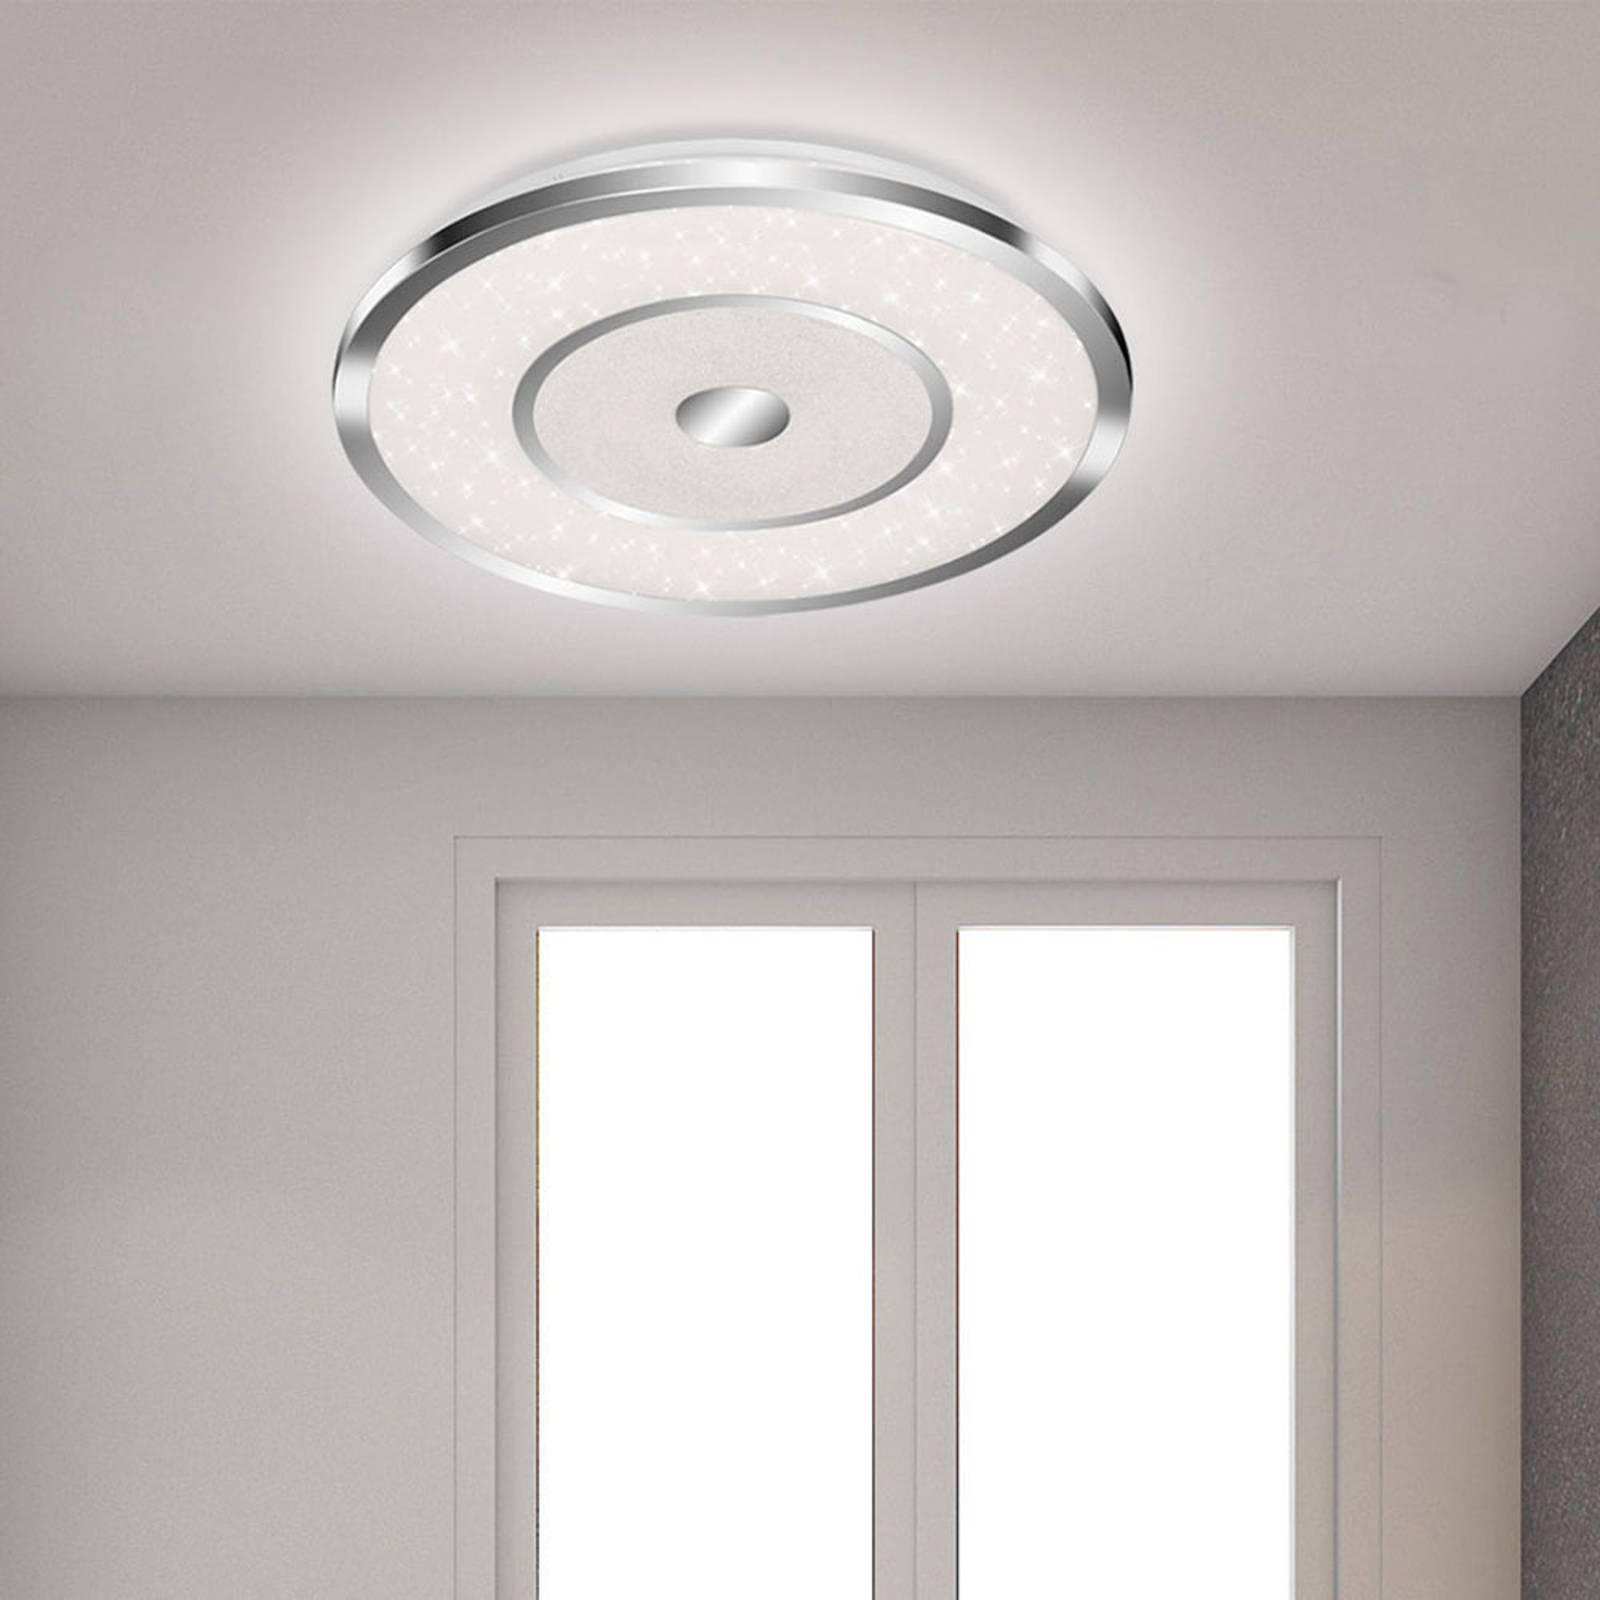 LED-kattovalaisin Spaco CCT, kaukosäädin